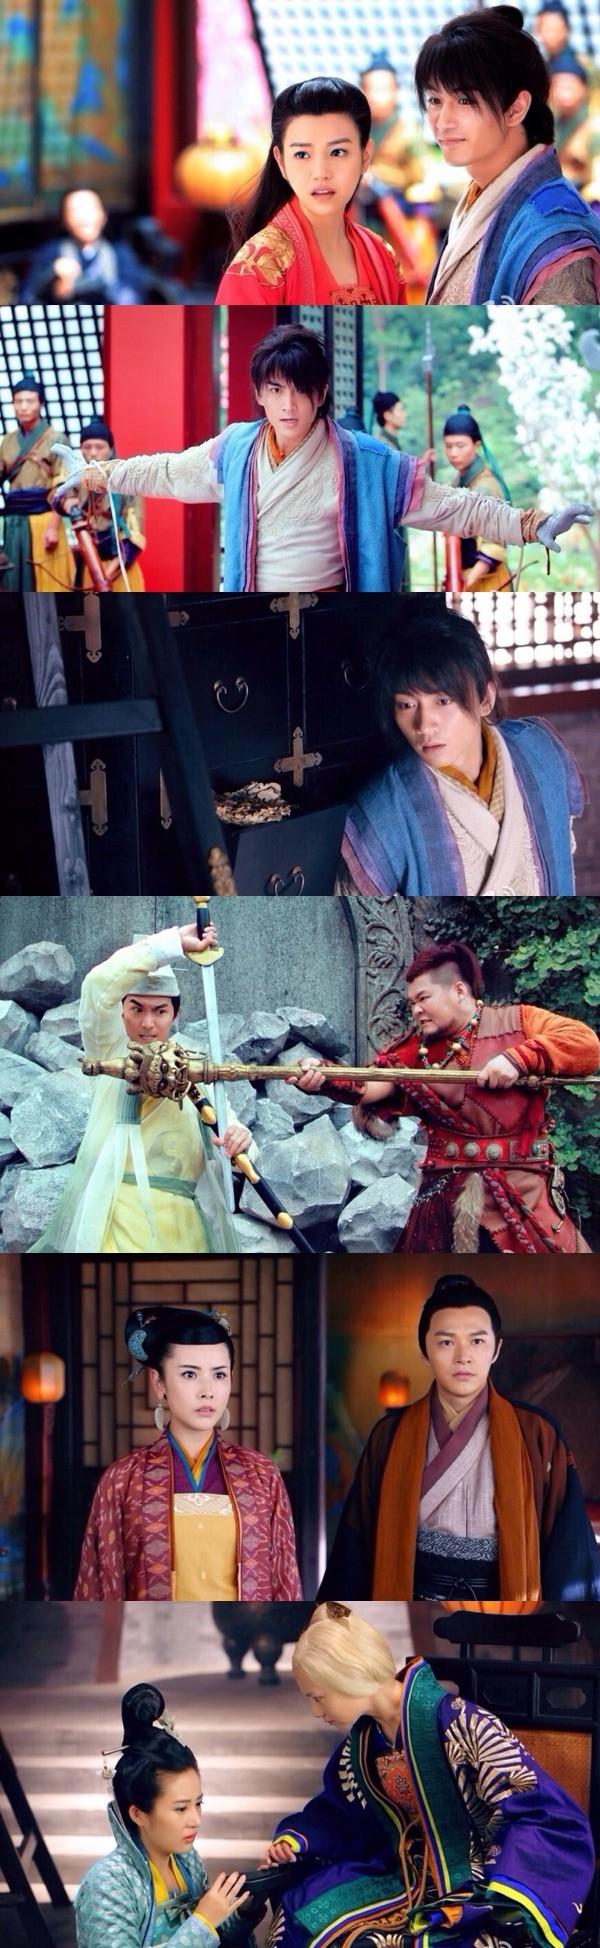 Một vài hình ảnh mới trong phim Thần điêu đại hiệp 2014 lan truyền trên mạng.